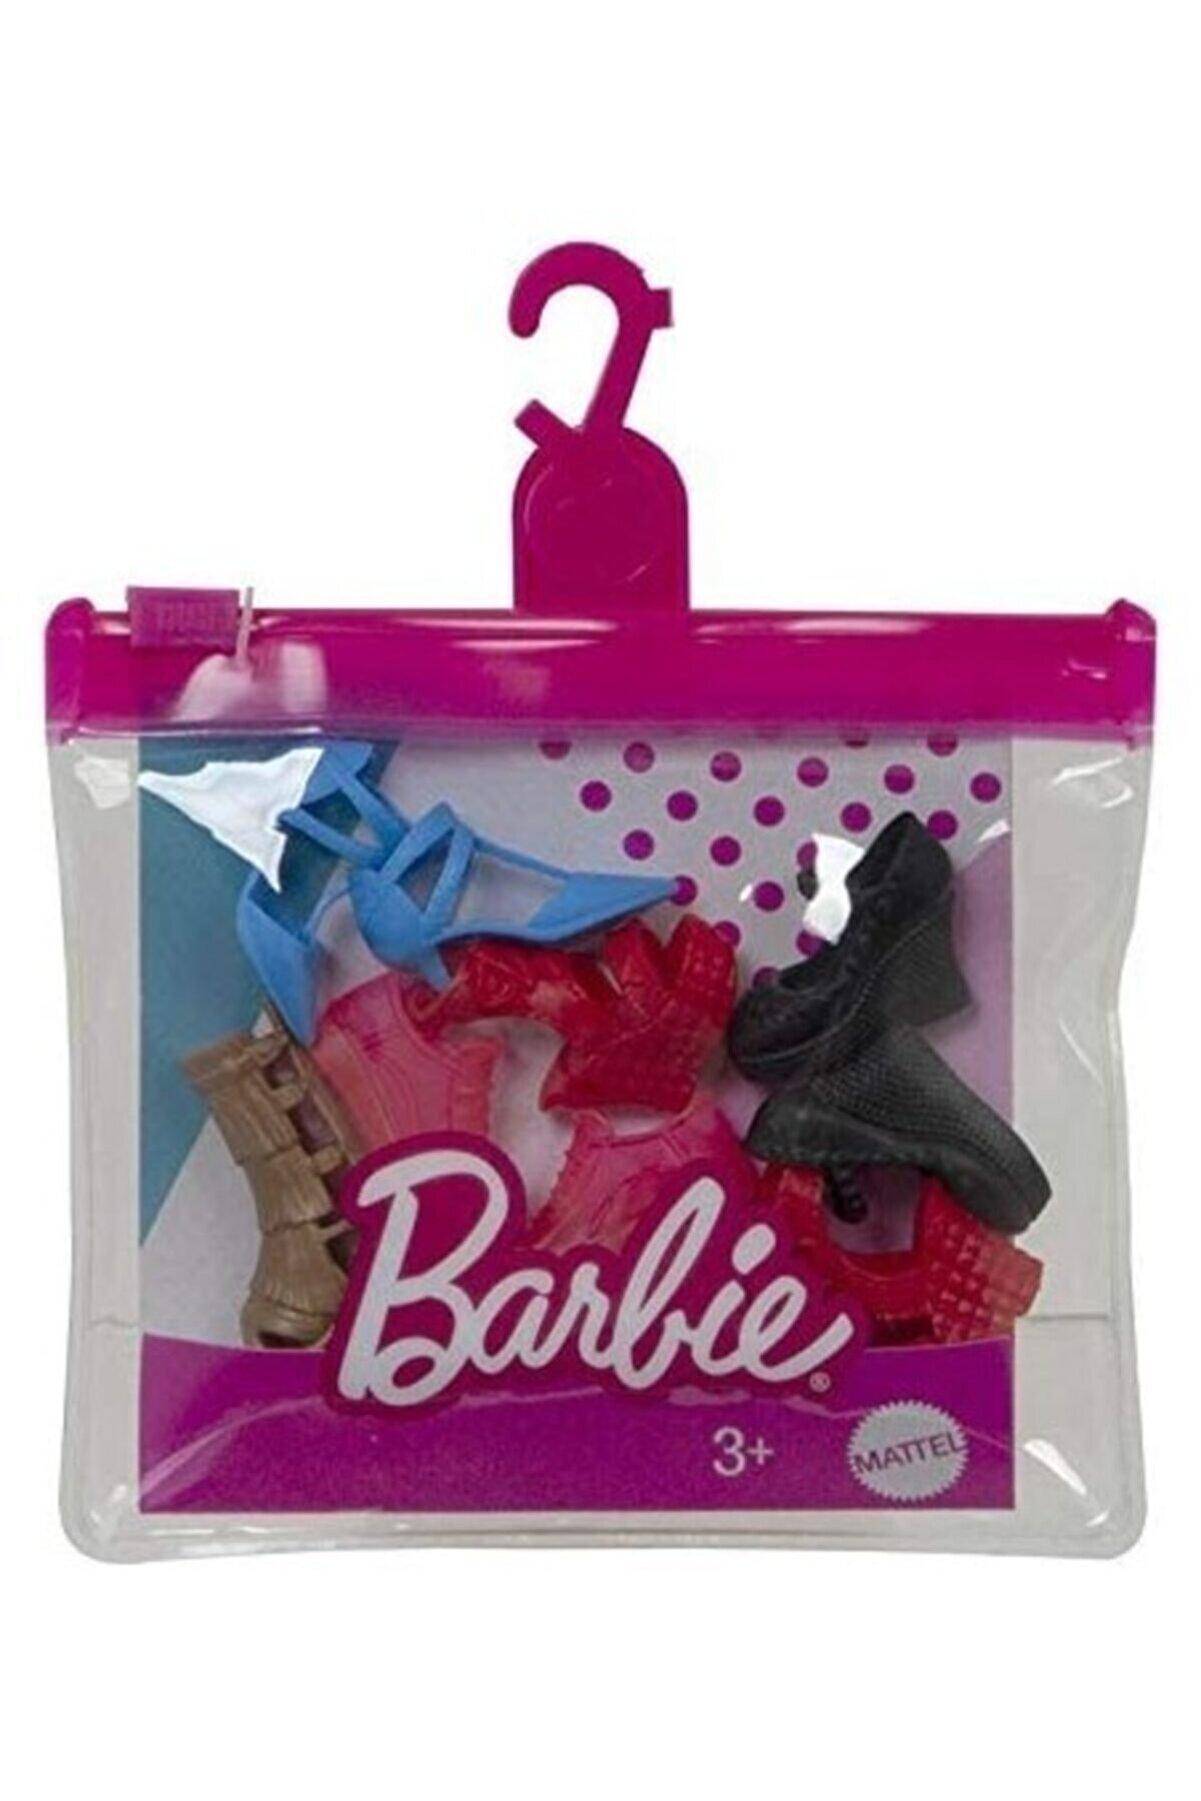 Barbie 'nin Ayakkabı Koleksiyonu Gwb14-gxg02